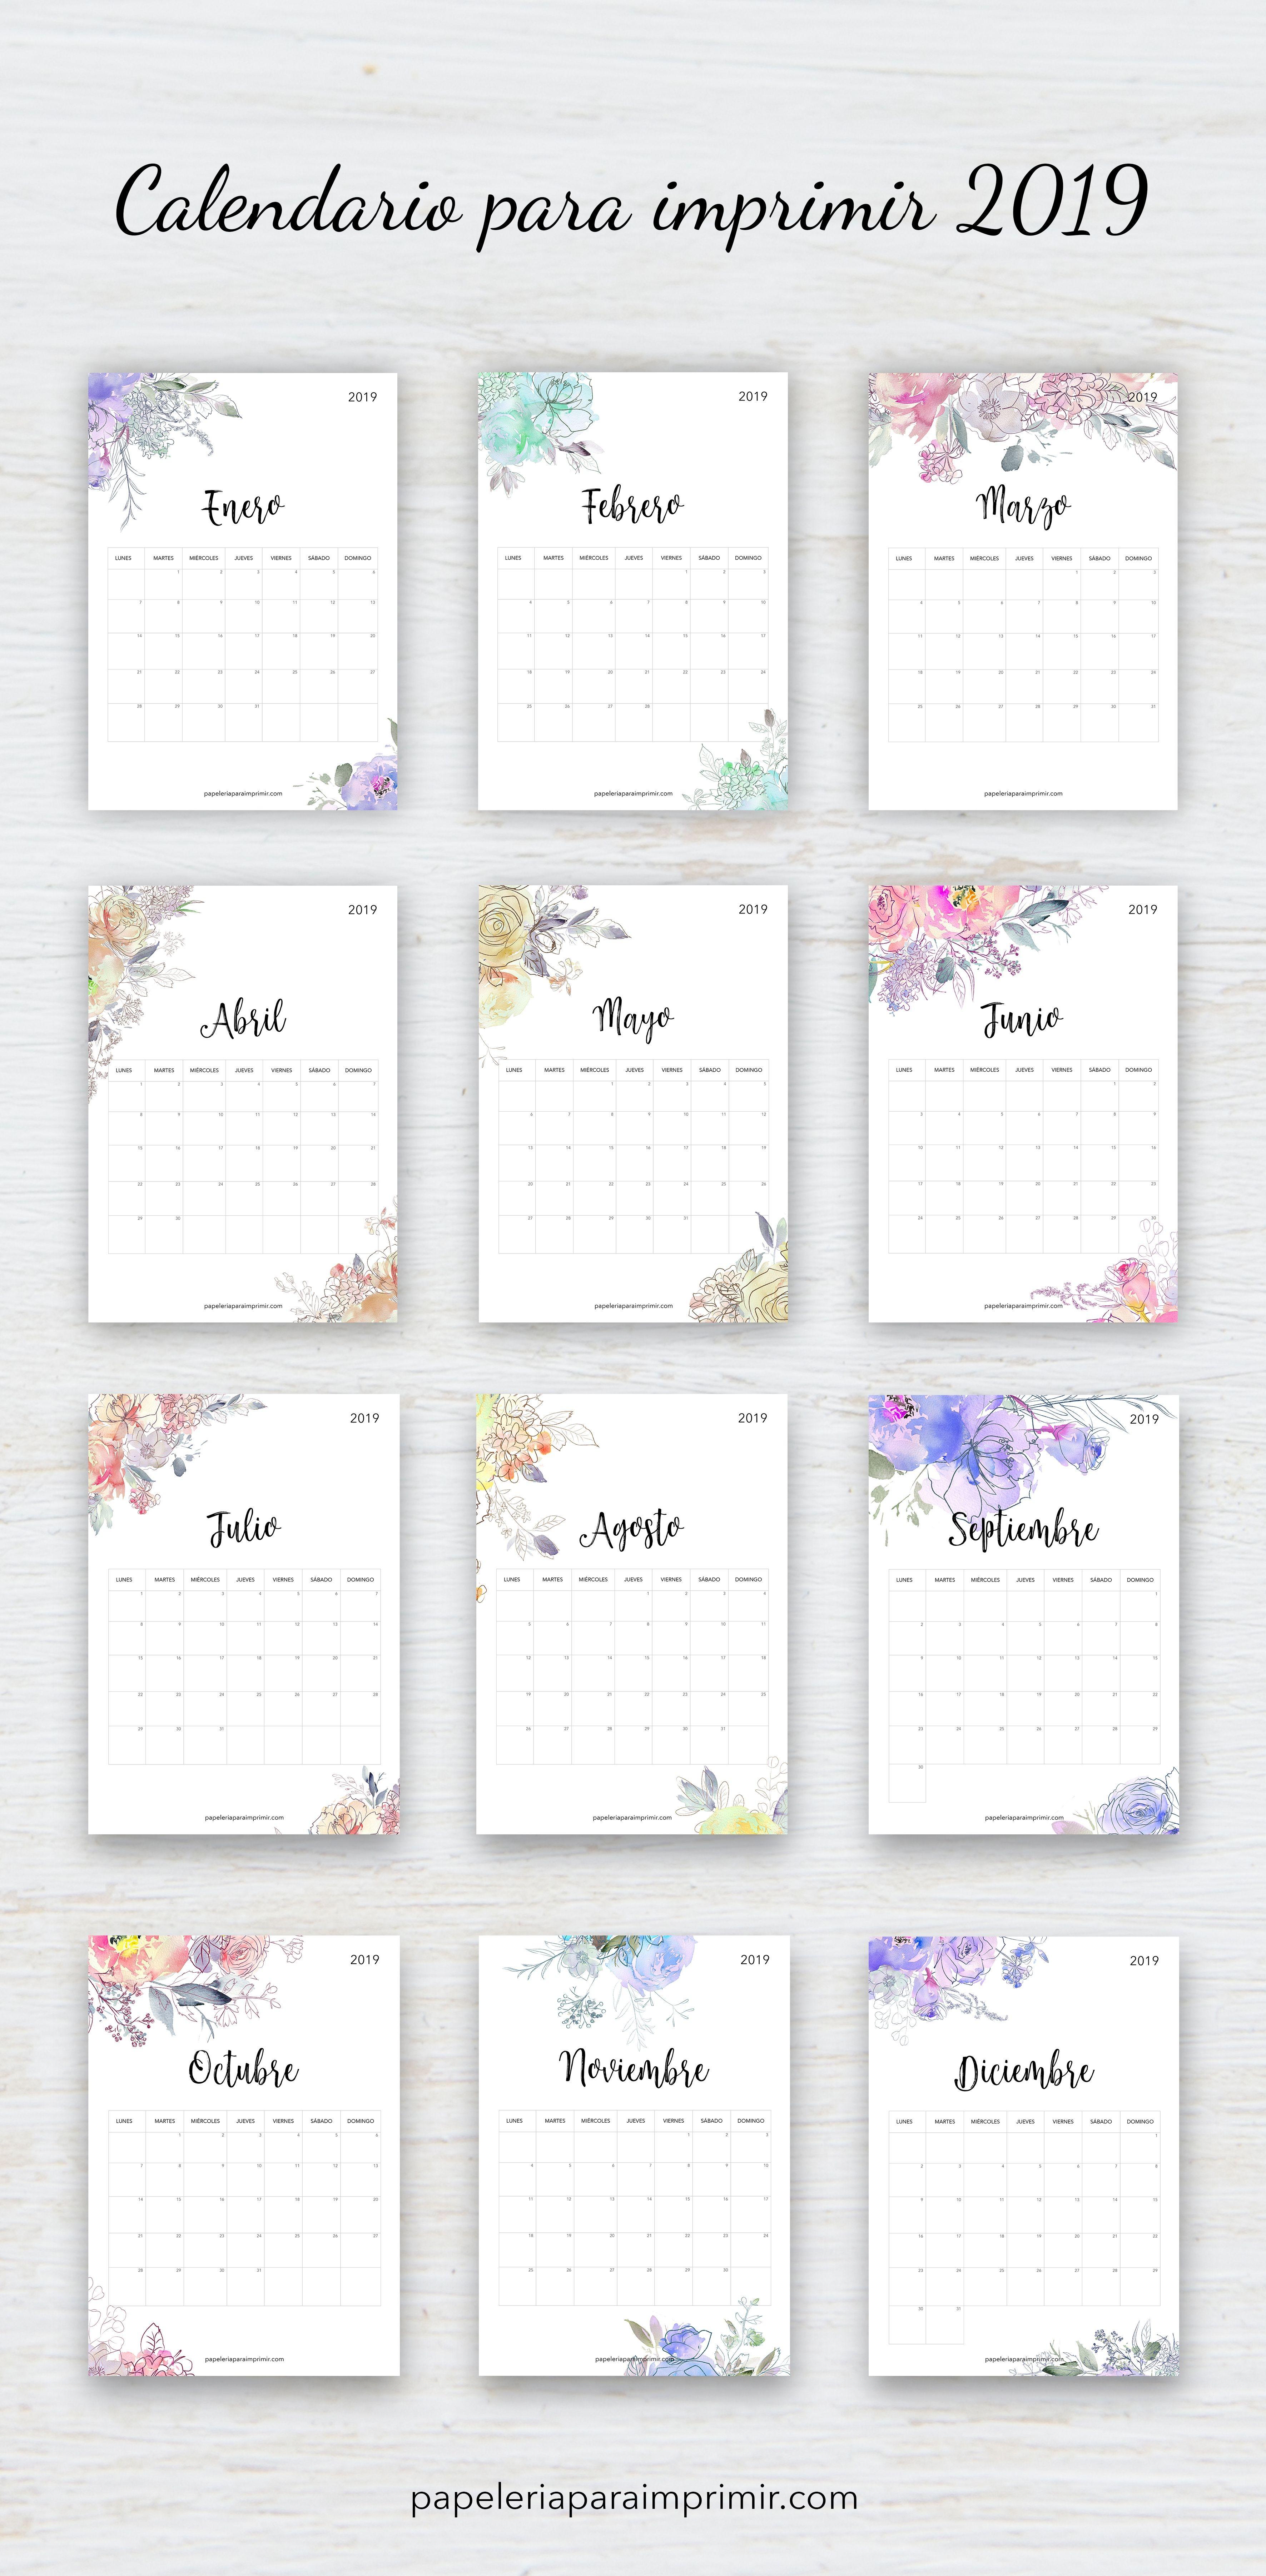 Calendario Escolar Diciembre 2019 Más Caliente Papeleria Para Imprimir Papeleriaparaimprimir En Pinterest Of Calendario Escolar Diciembre 2019 Más Caliente Boe Documento Boe A 2016 5551